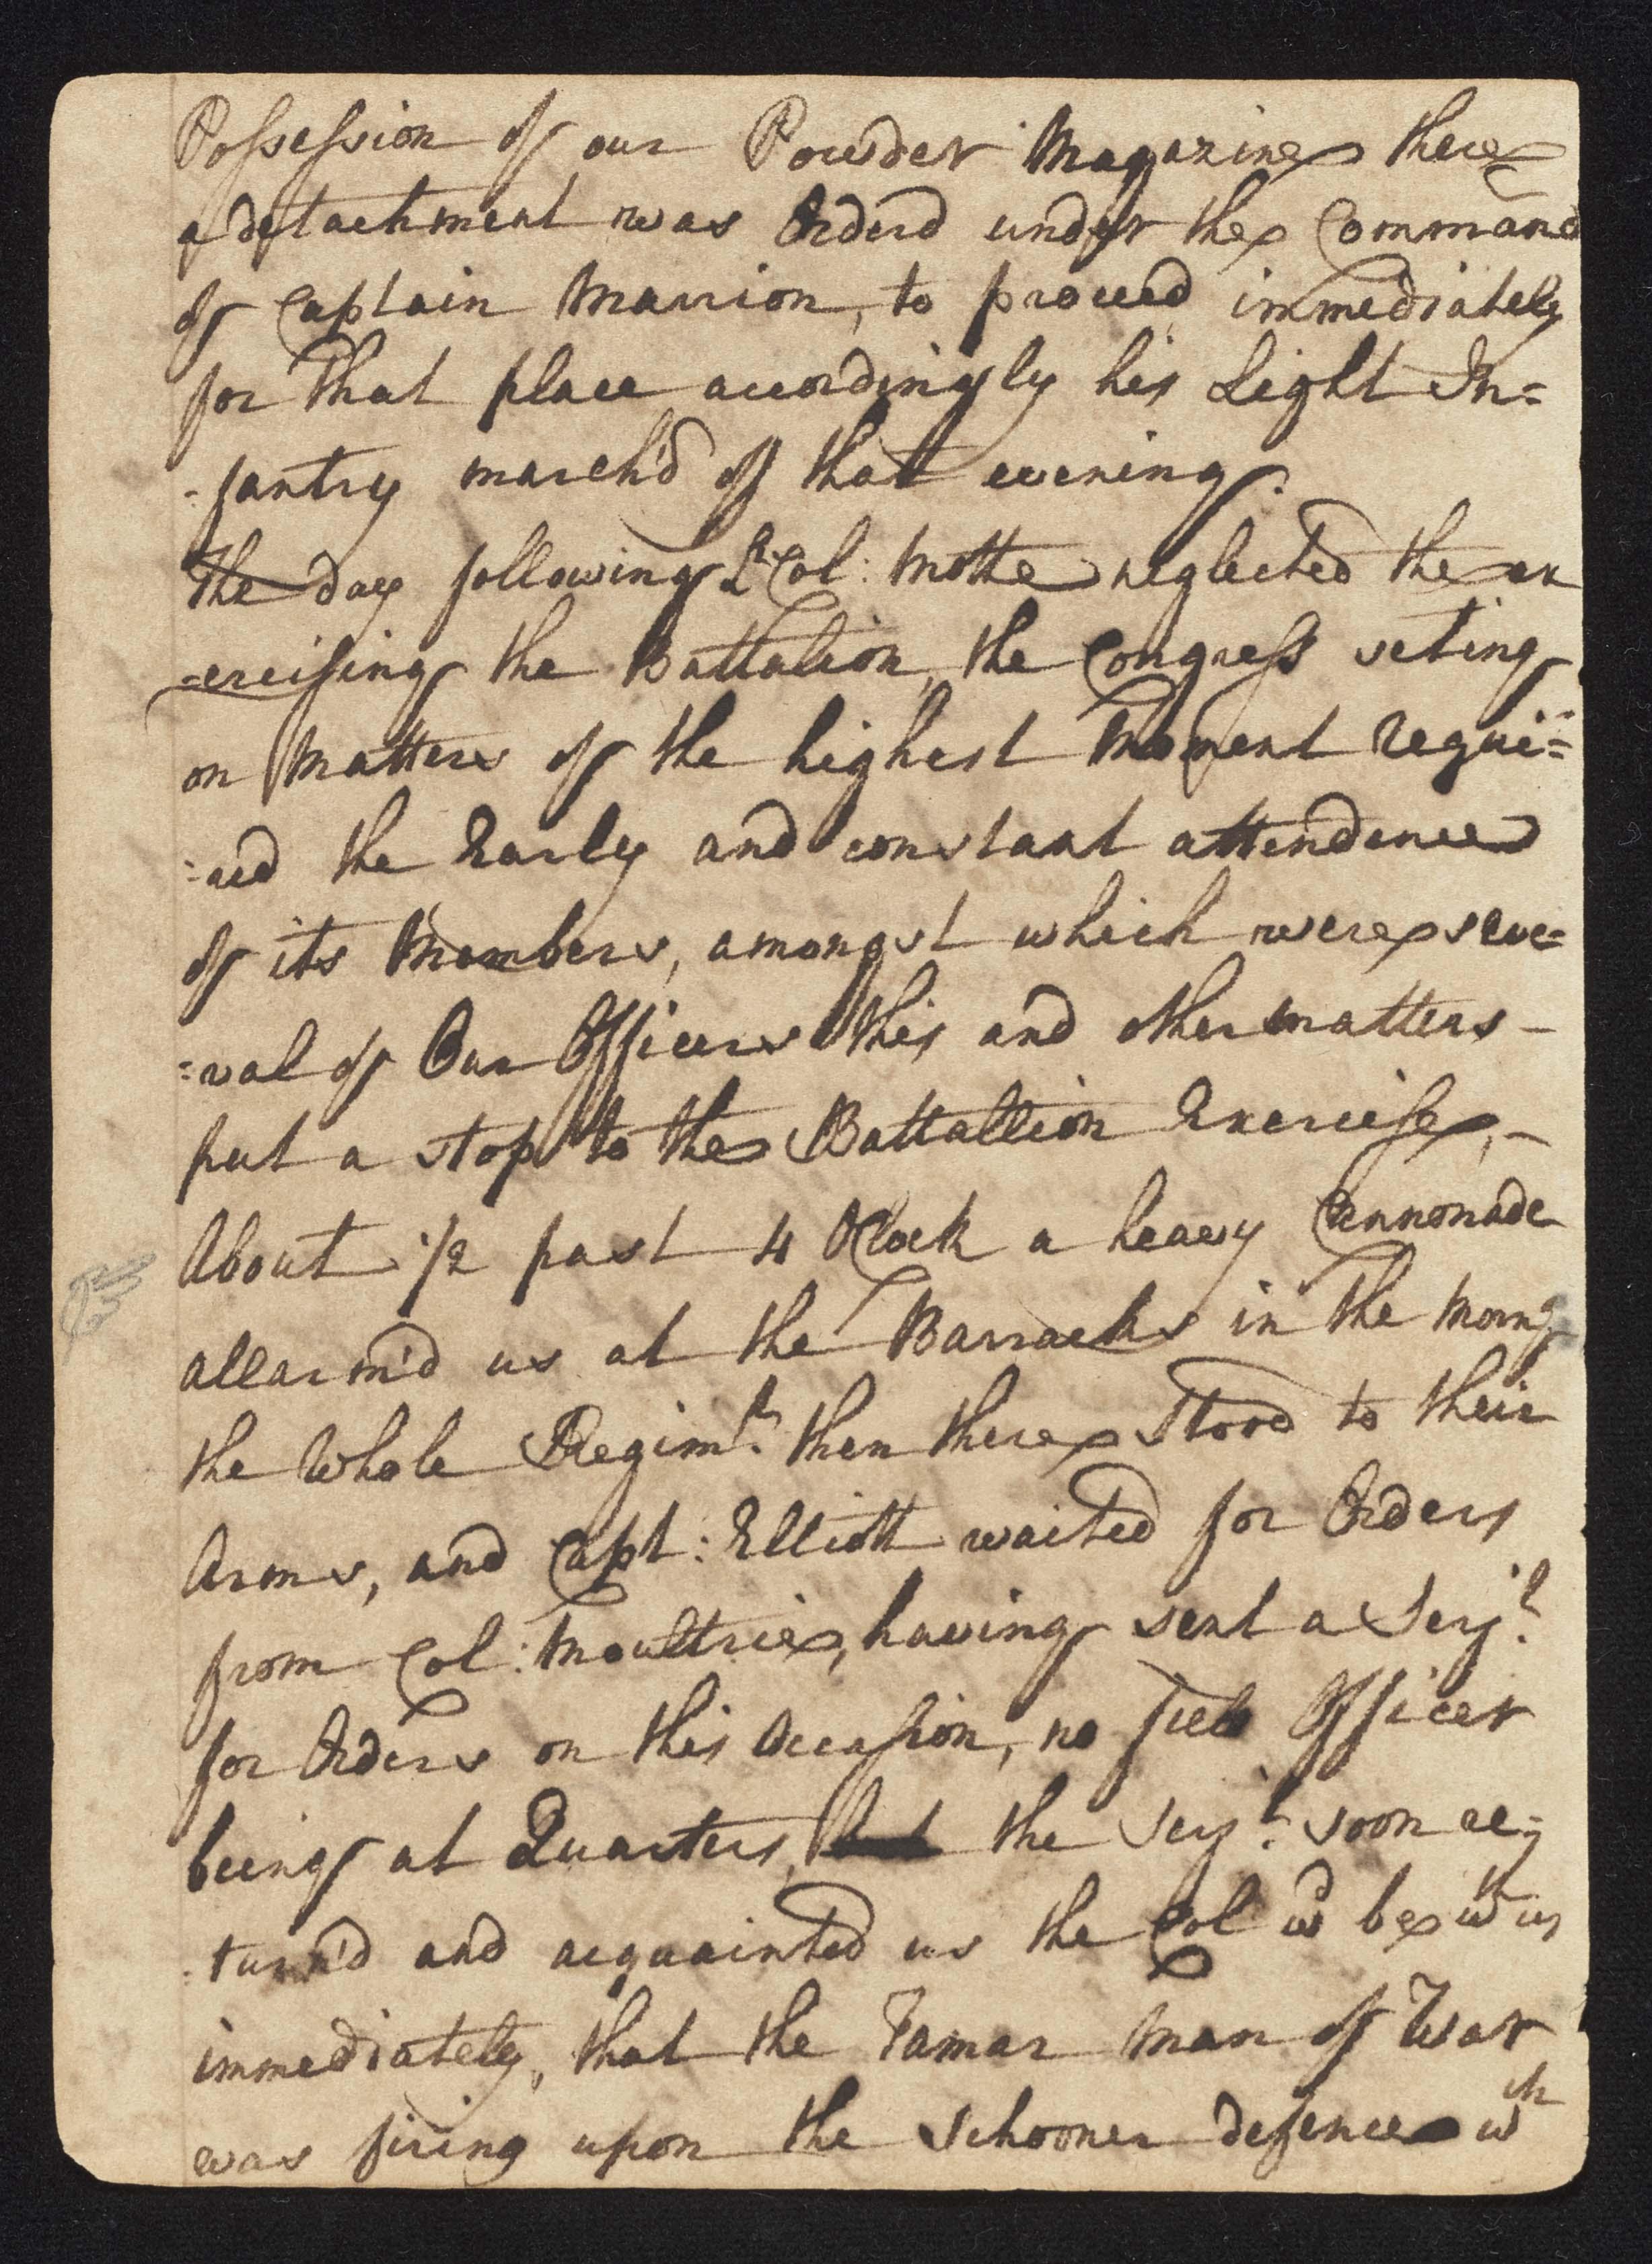 South Carolina Regiment Order Book, Page 46